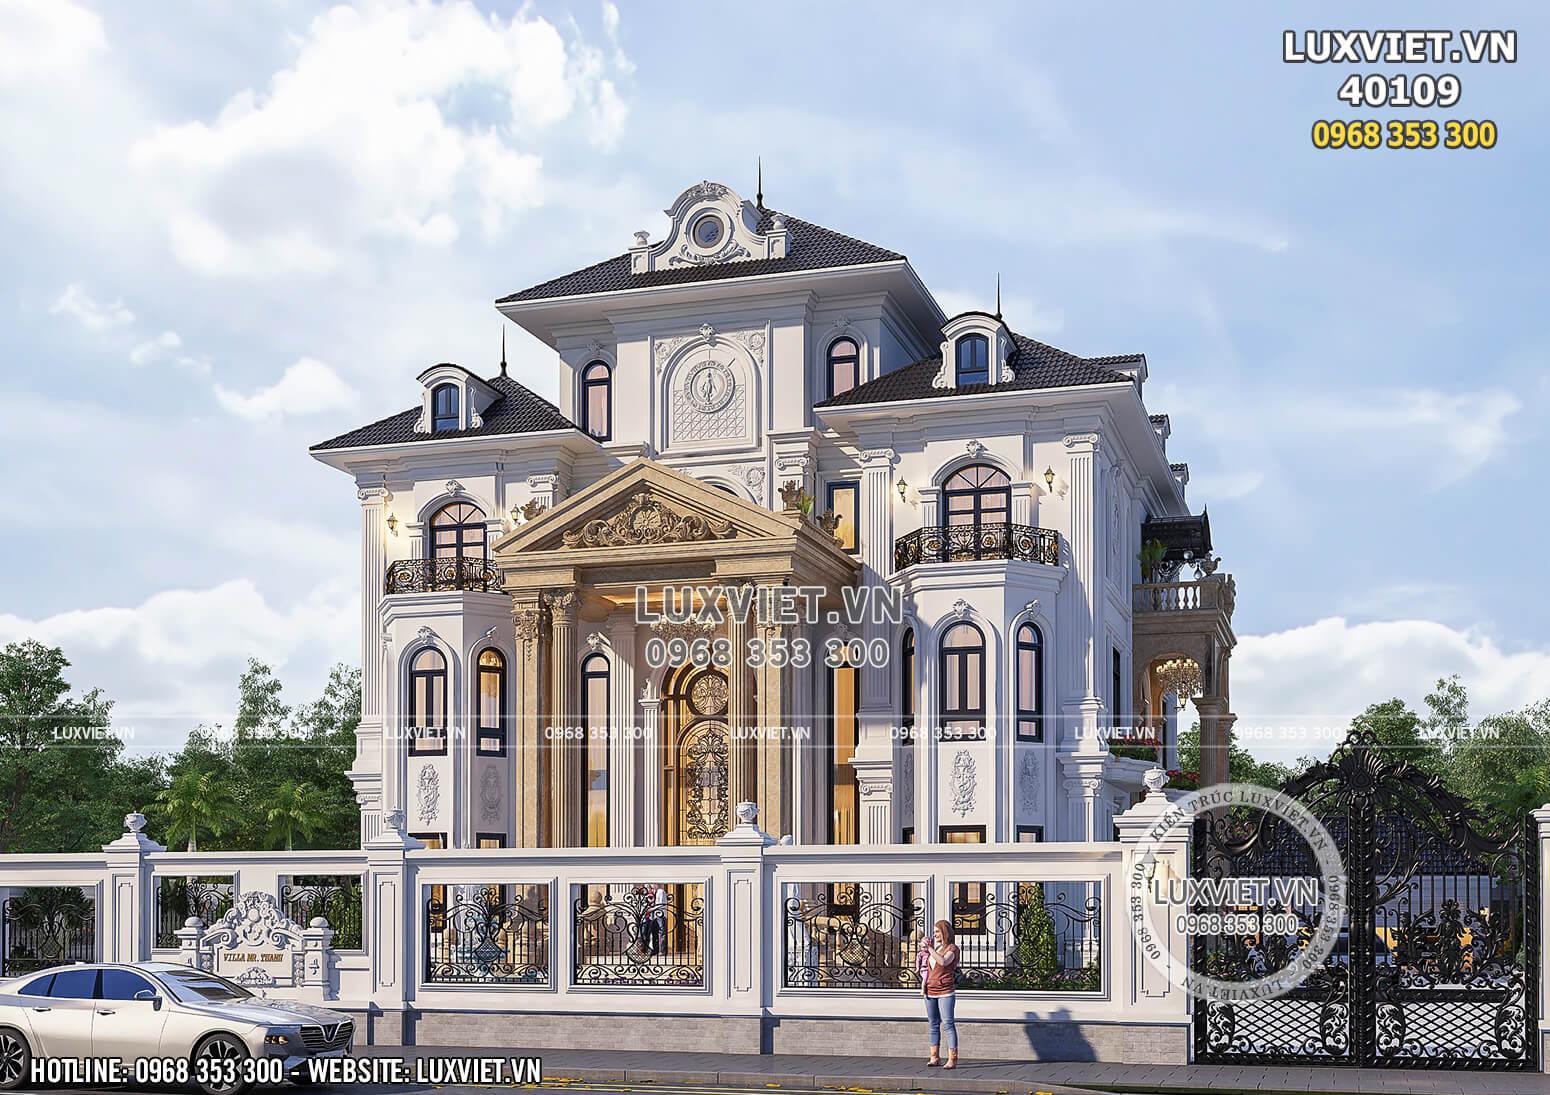 Hình ảnh: Mẫu thiết kế biệt thự đẹp - LV 40109